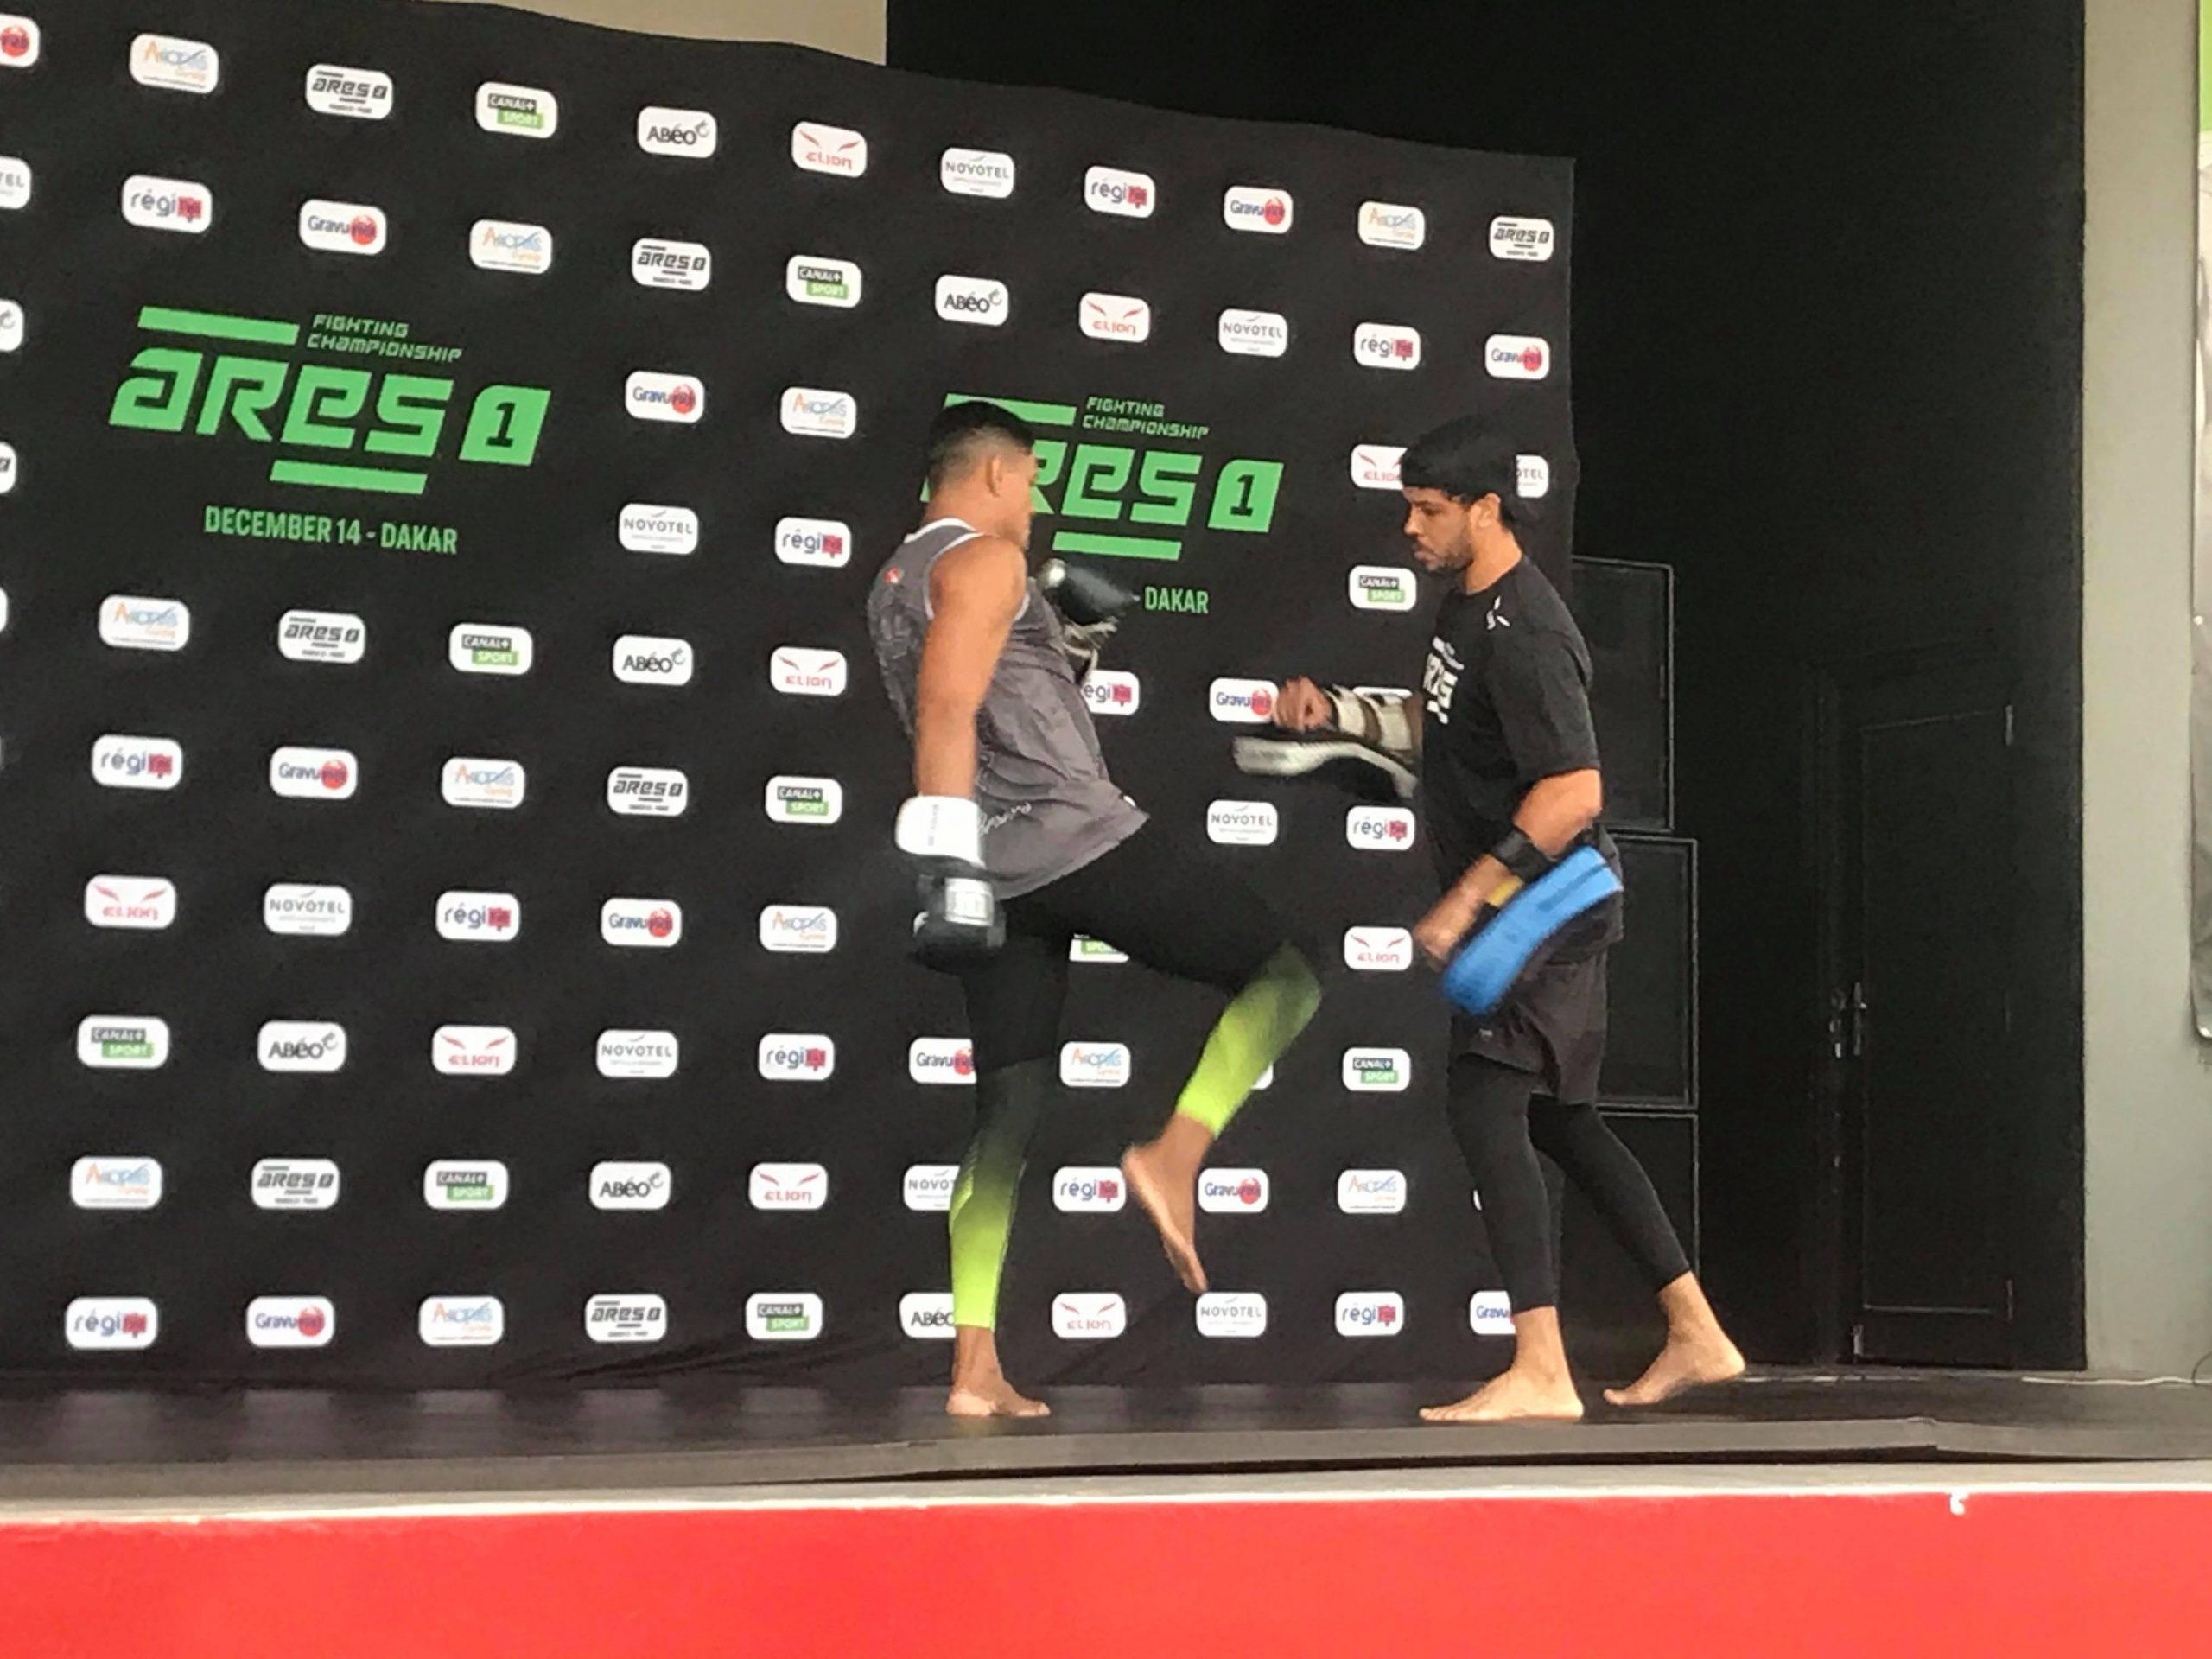 79026277 569328570301767 3120557563205124096 n scaled - MMA : Reug Reug et son adversaire Sofiane, présentés au public (13 Photos)